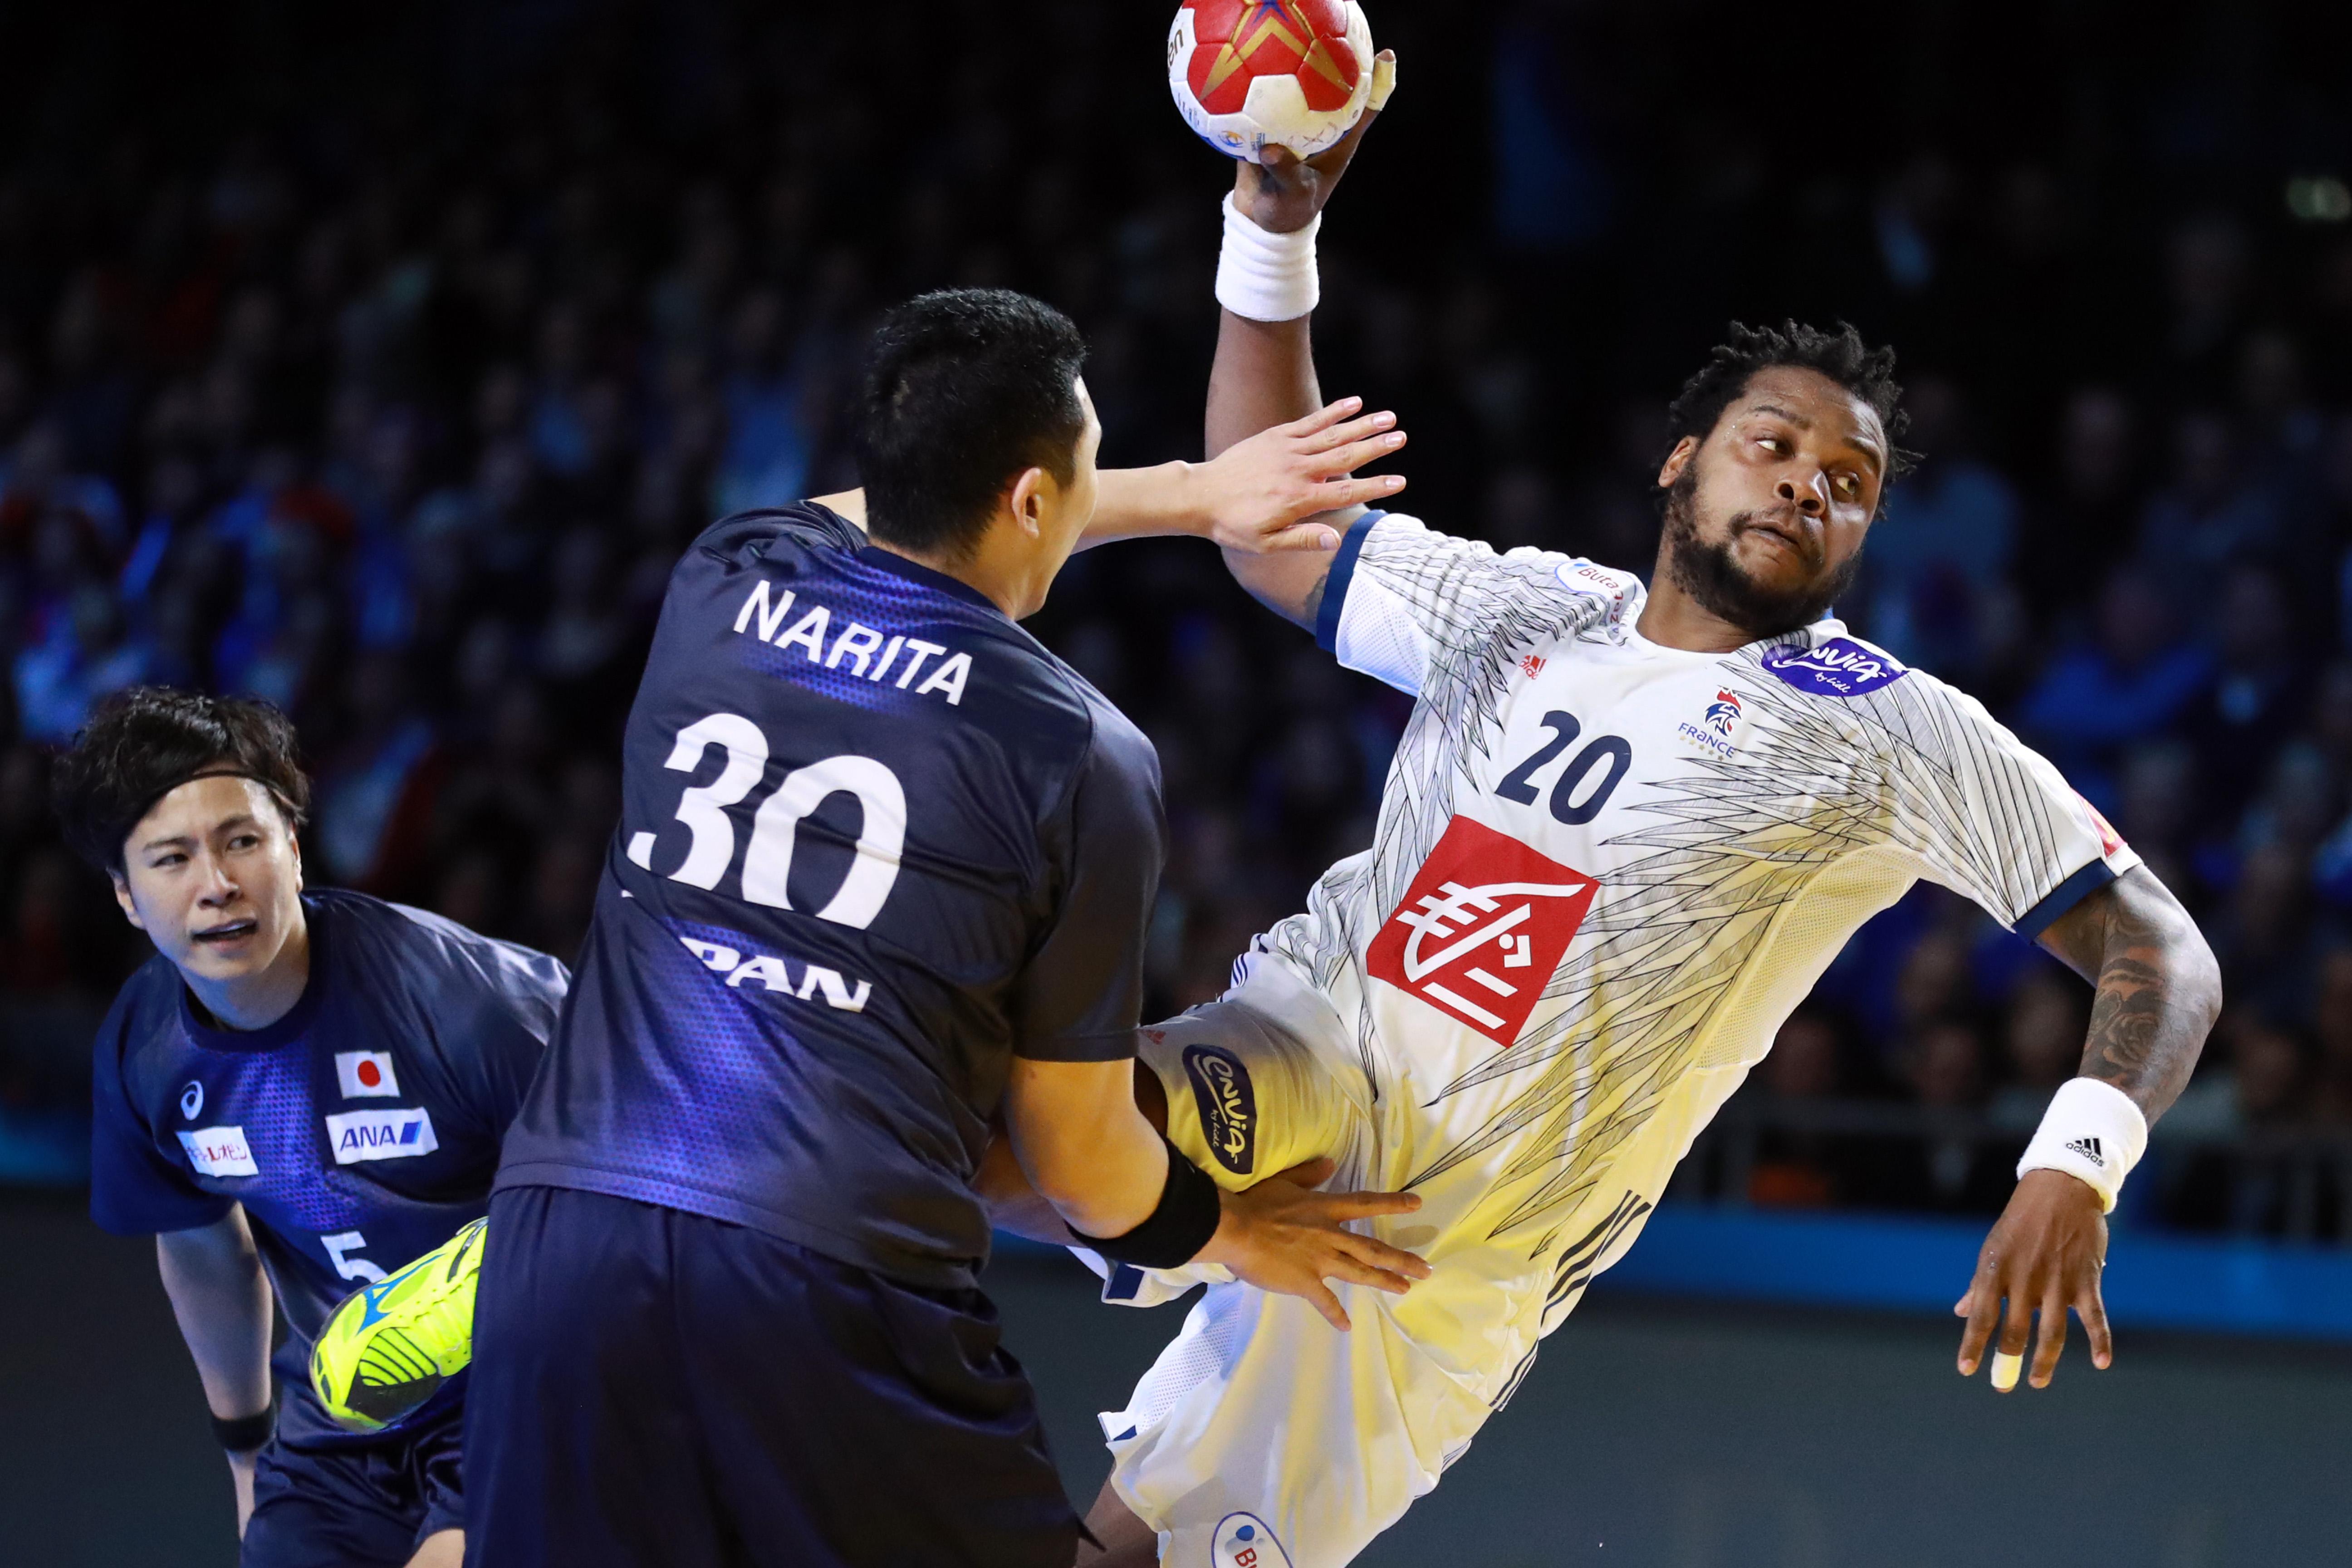 ©France Handball 2017